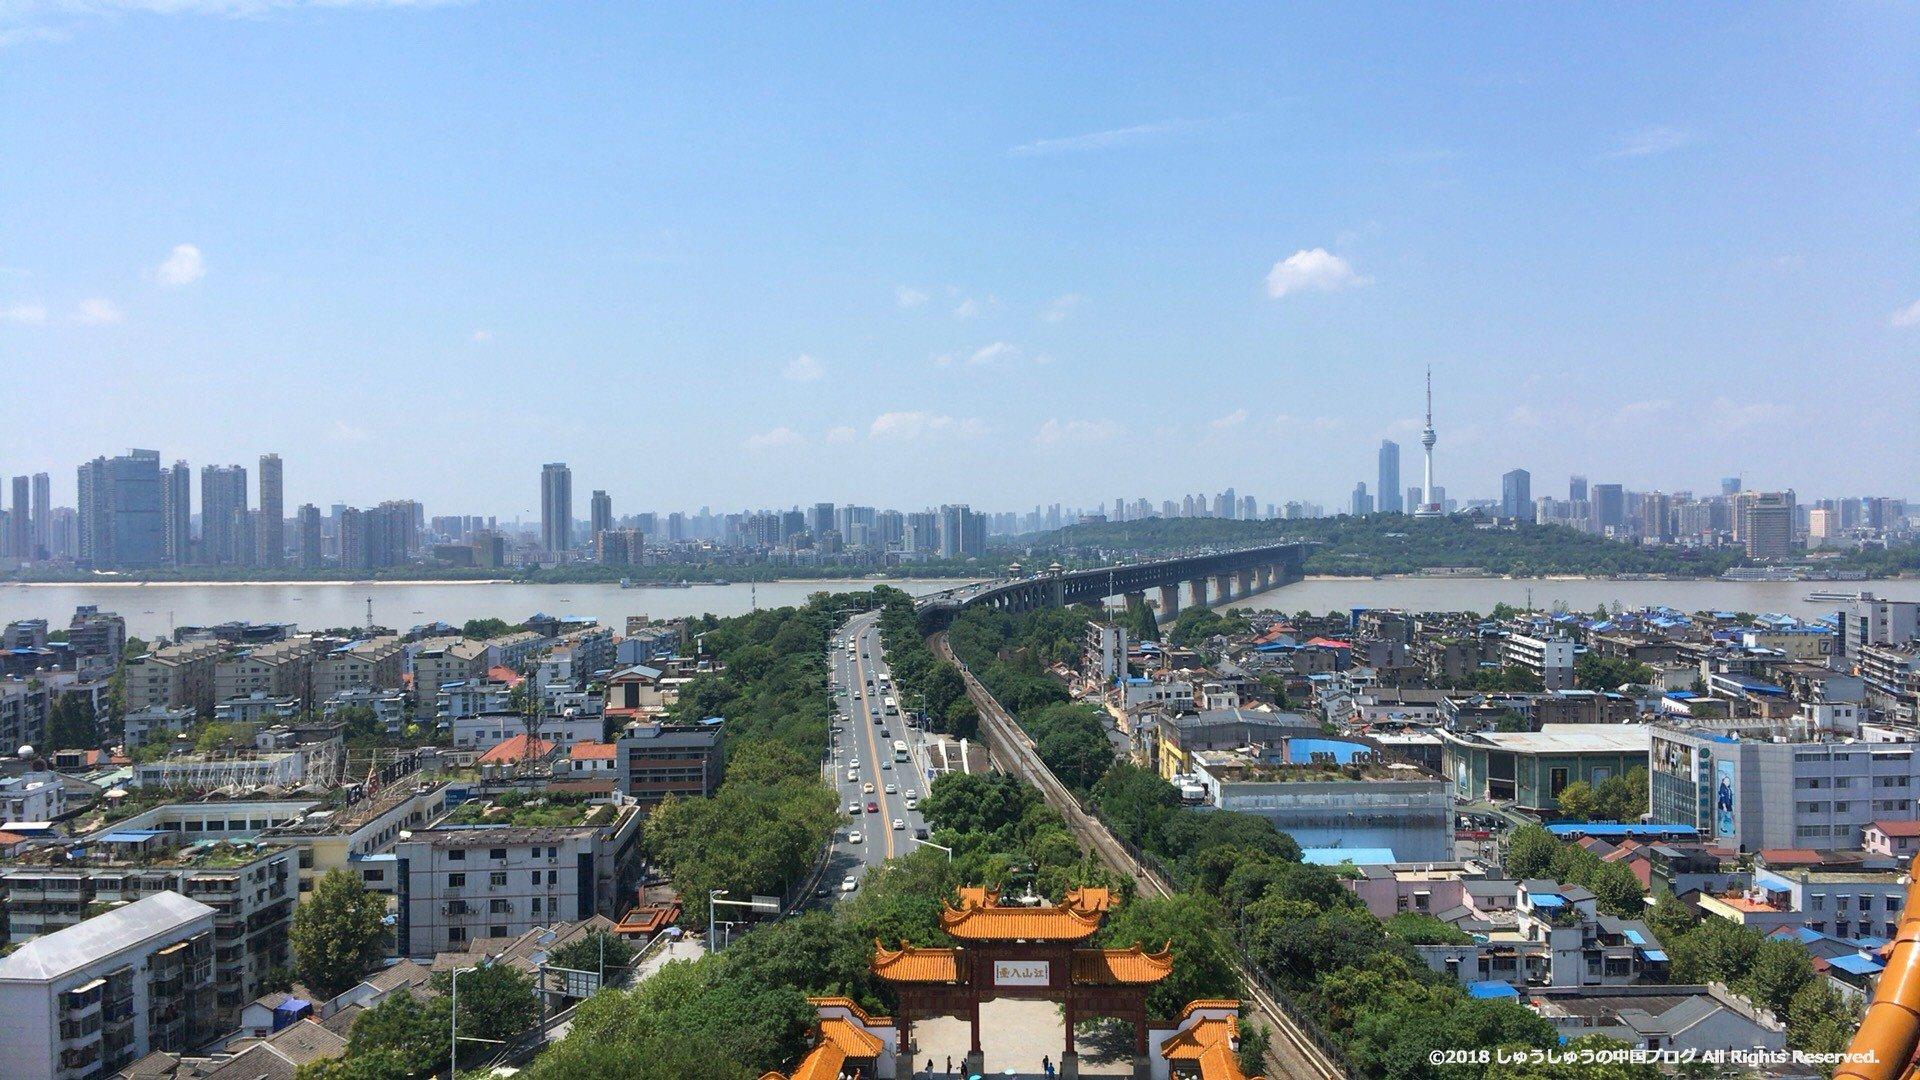 武漢 黄鶴楼から見た長江